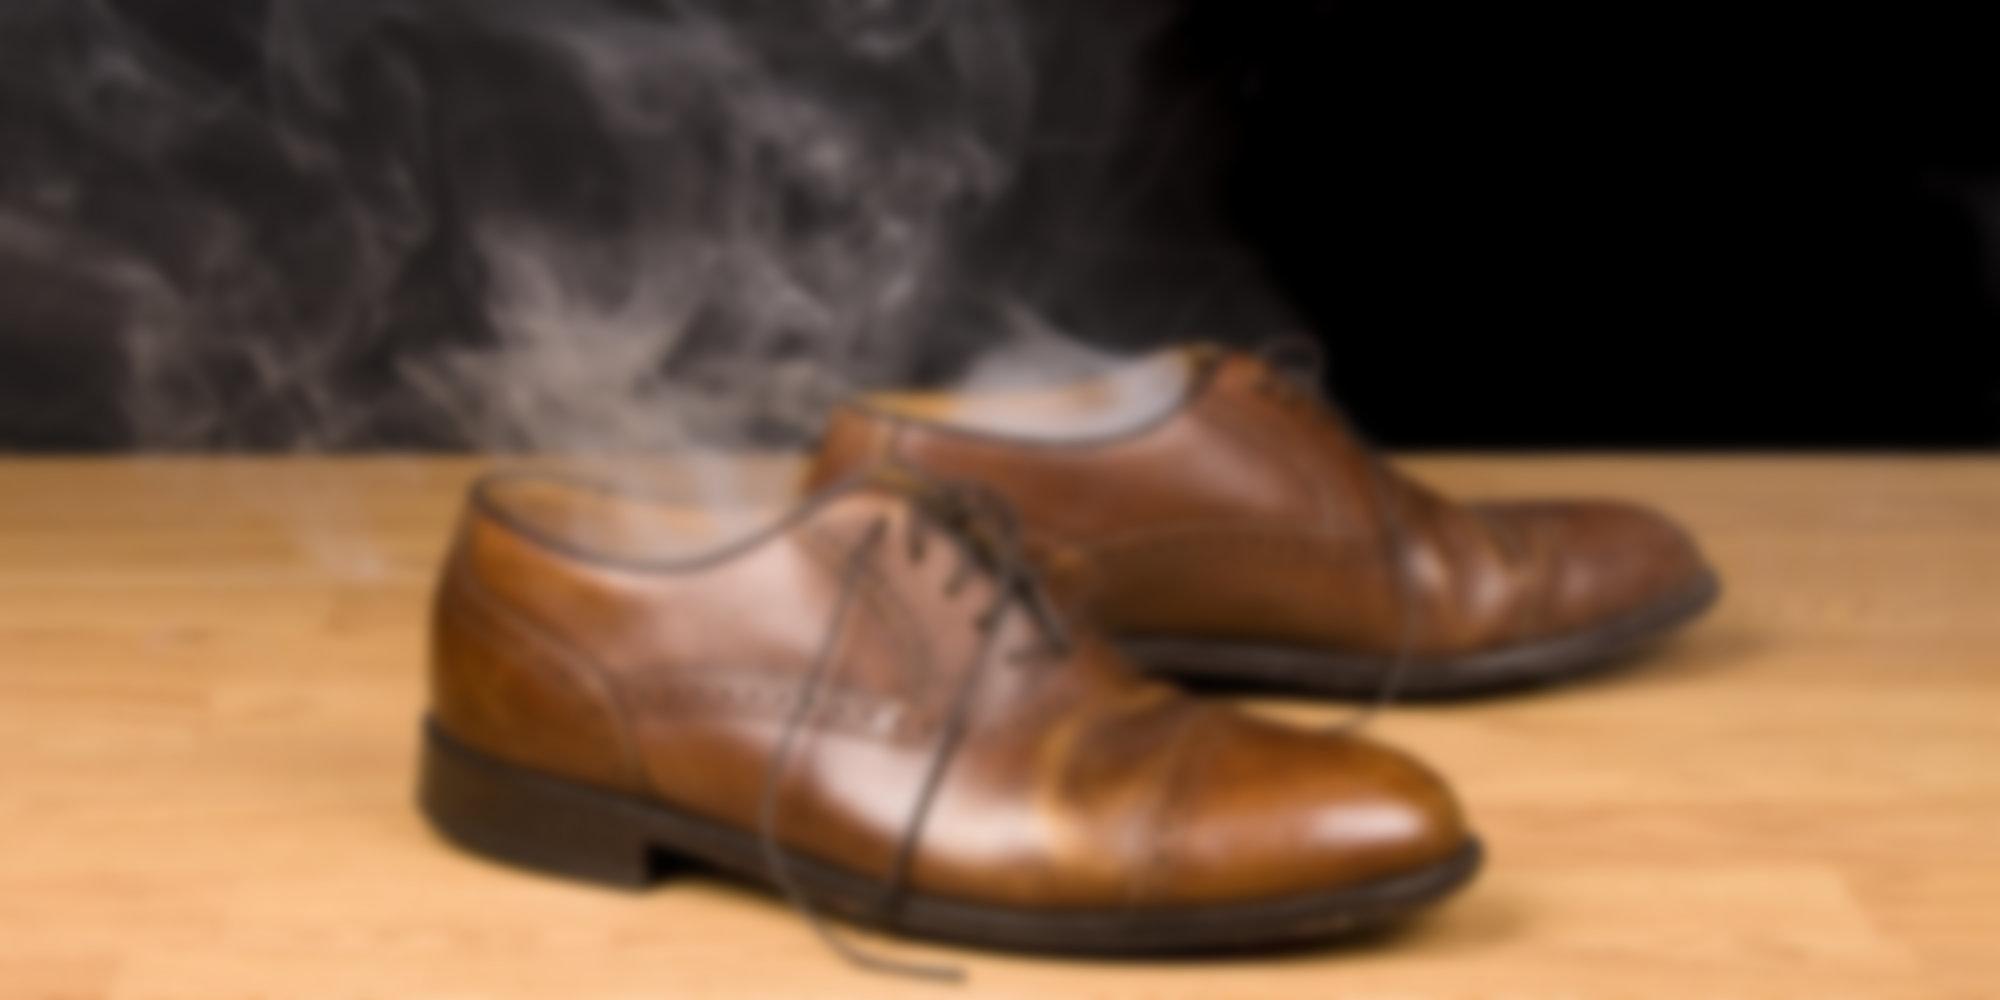 Как можно убрать запах с обуви в домашних условиях 32